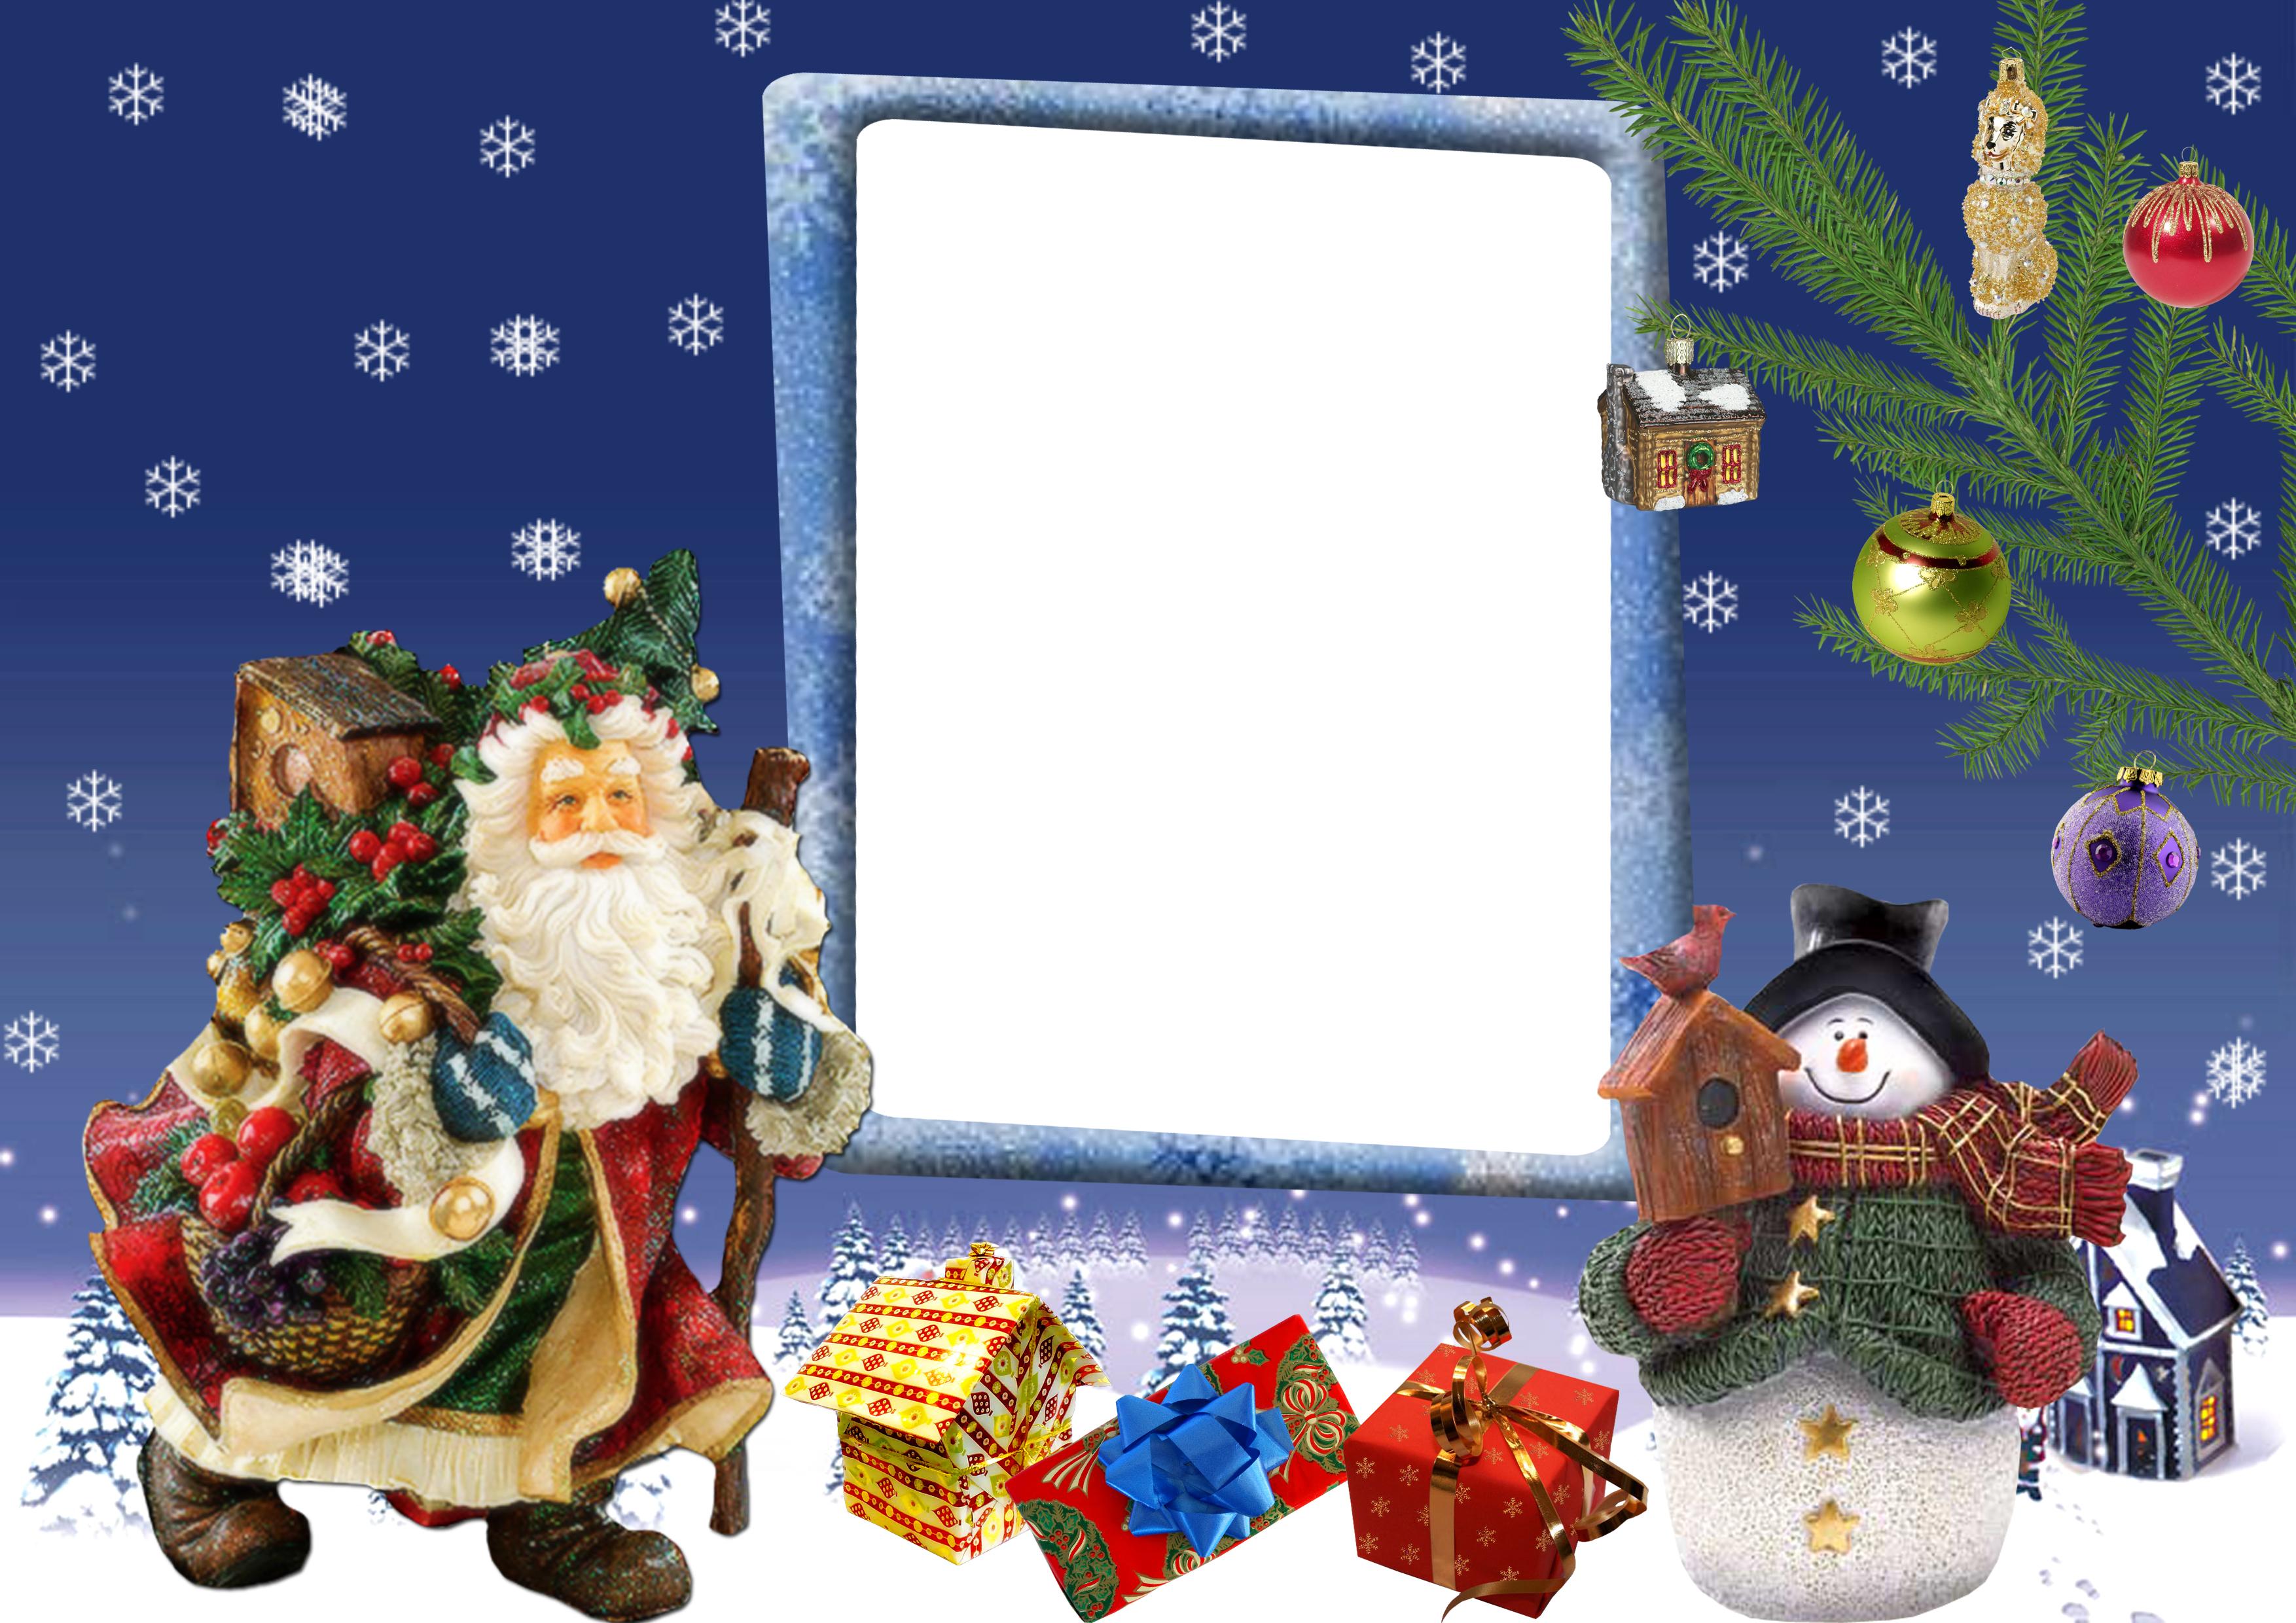 Онлайн редактор открыток с новым годом, словами класс